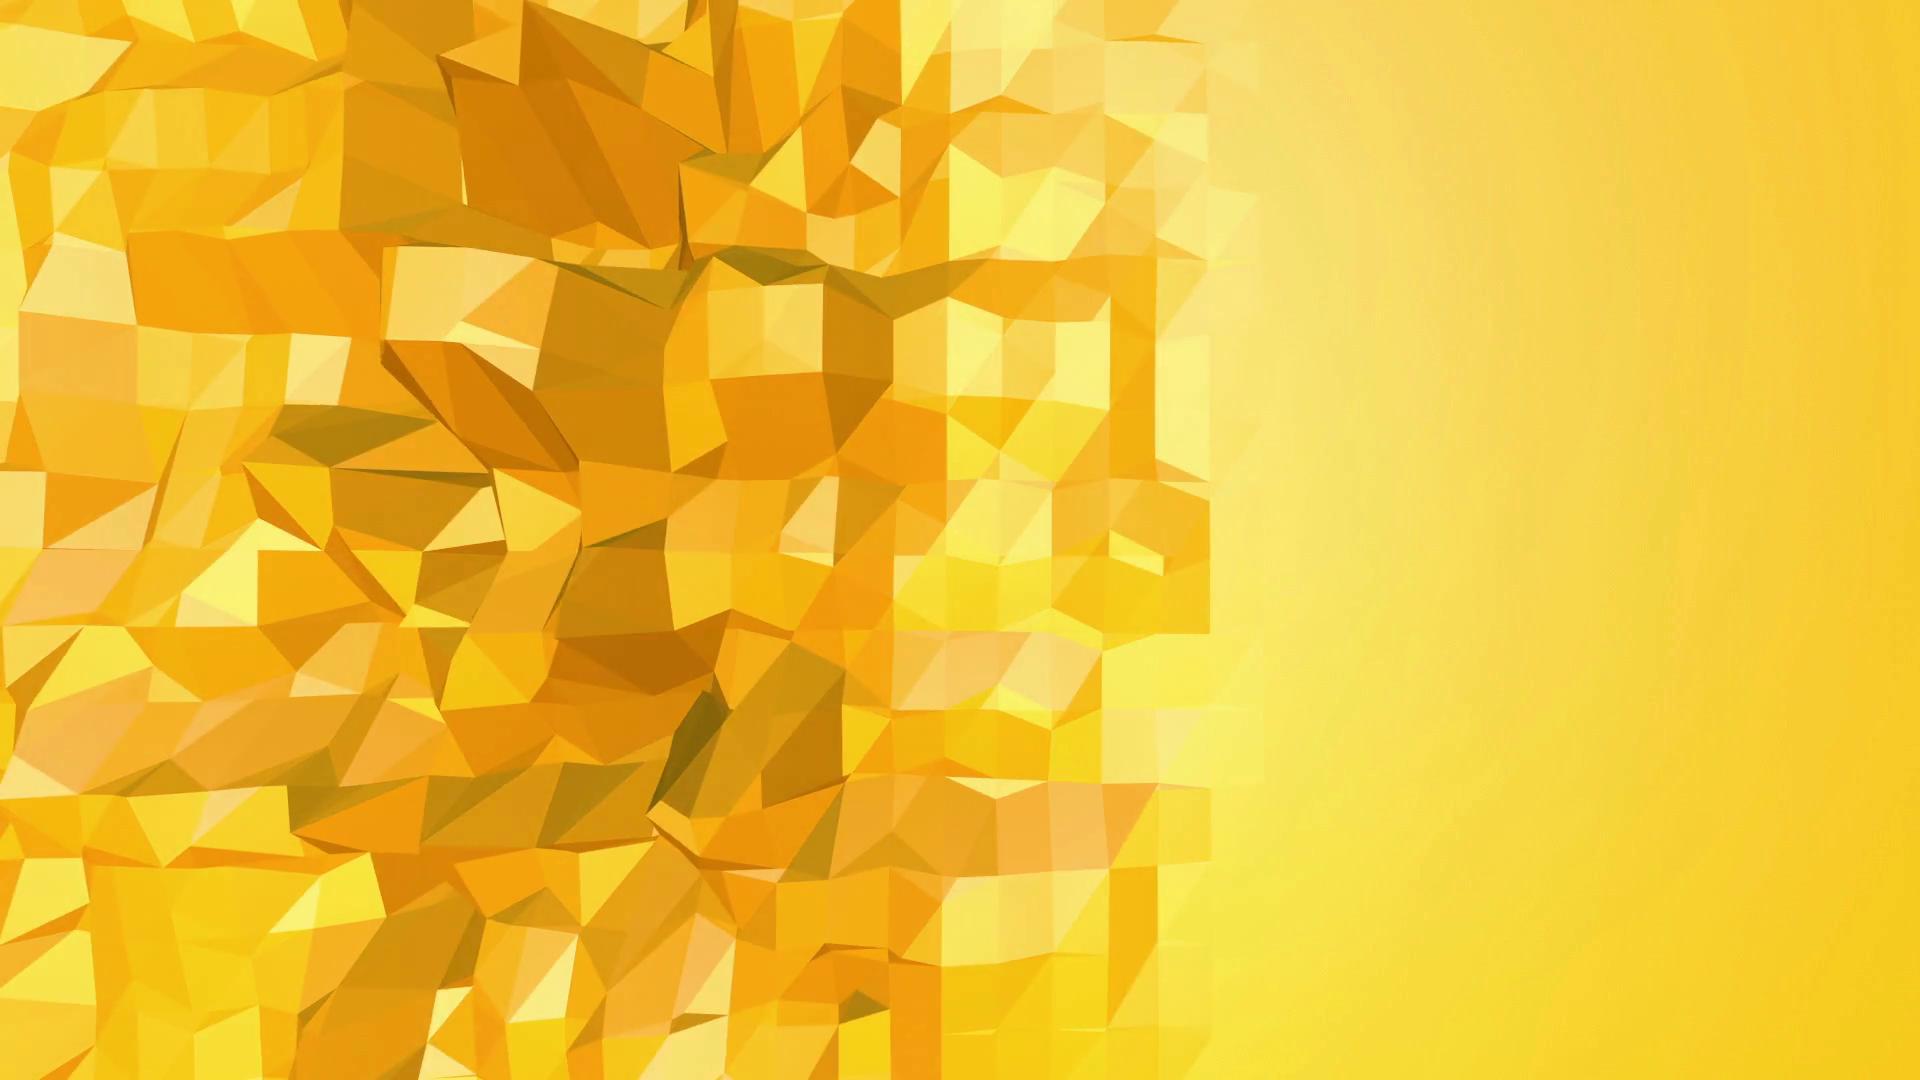 باشگاه خبرنگاران -حقایقی شگفت انگیزی از رنگ زرد +عوارض آن